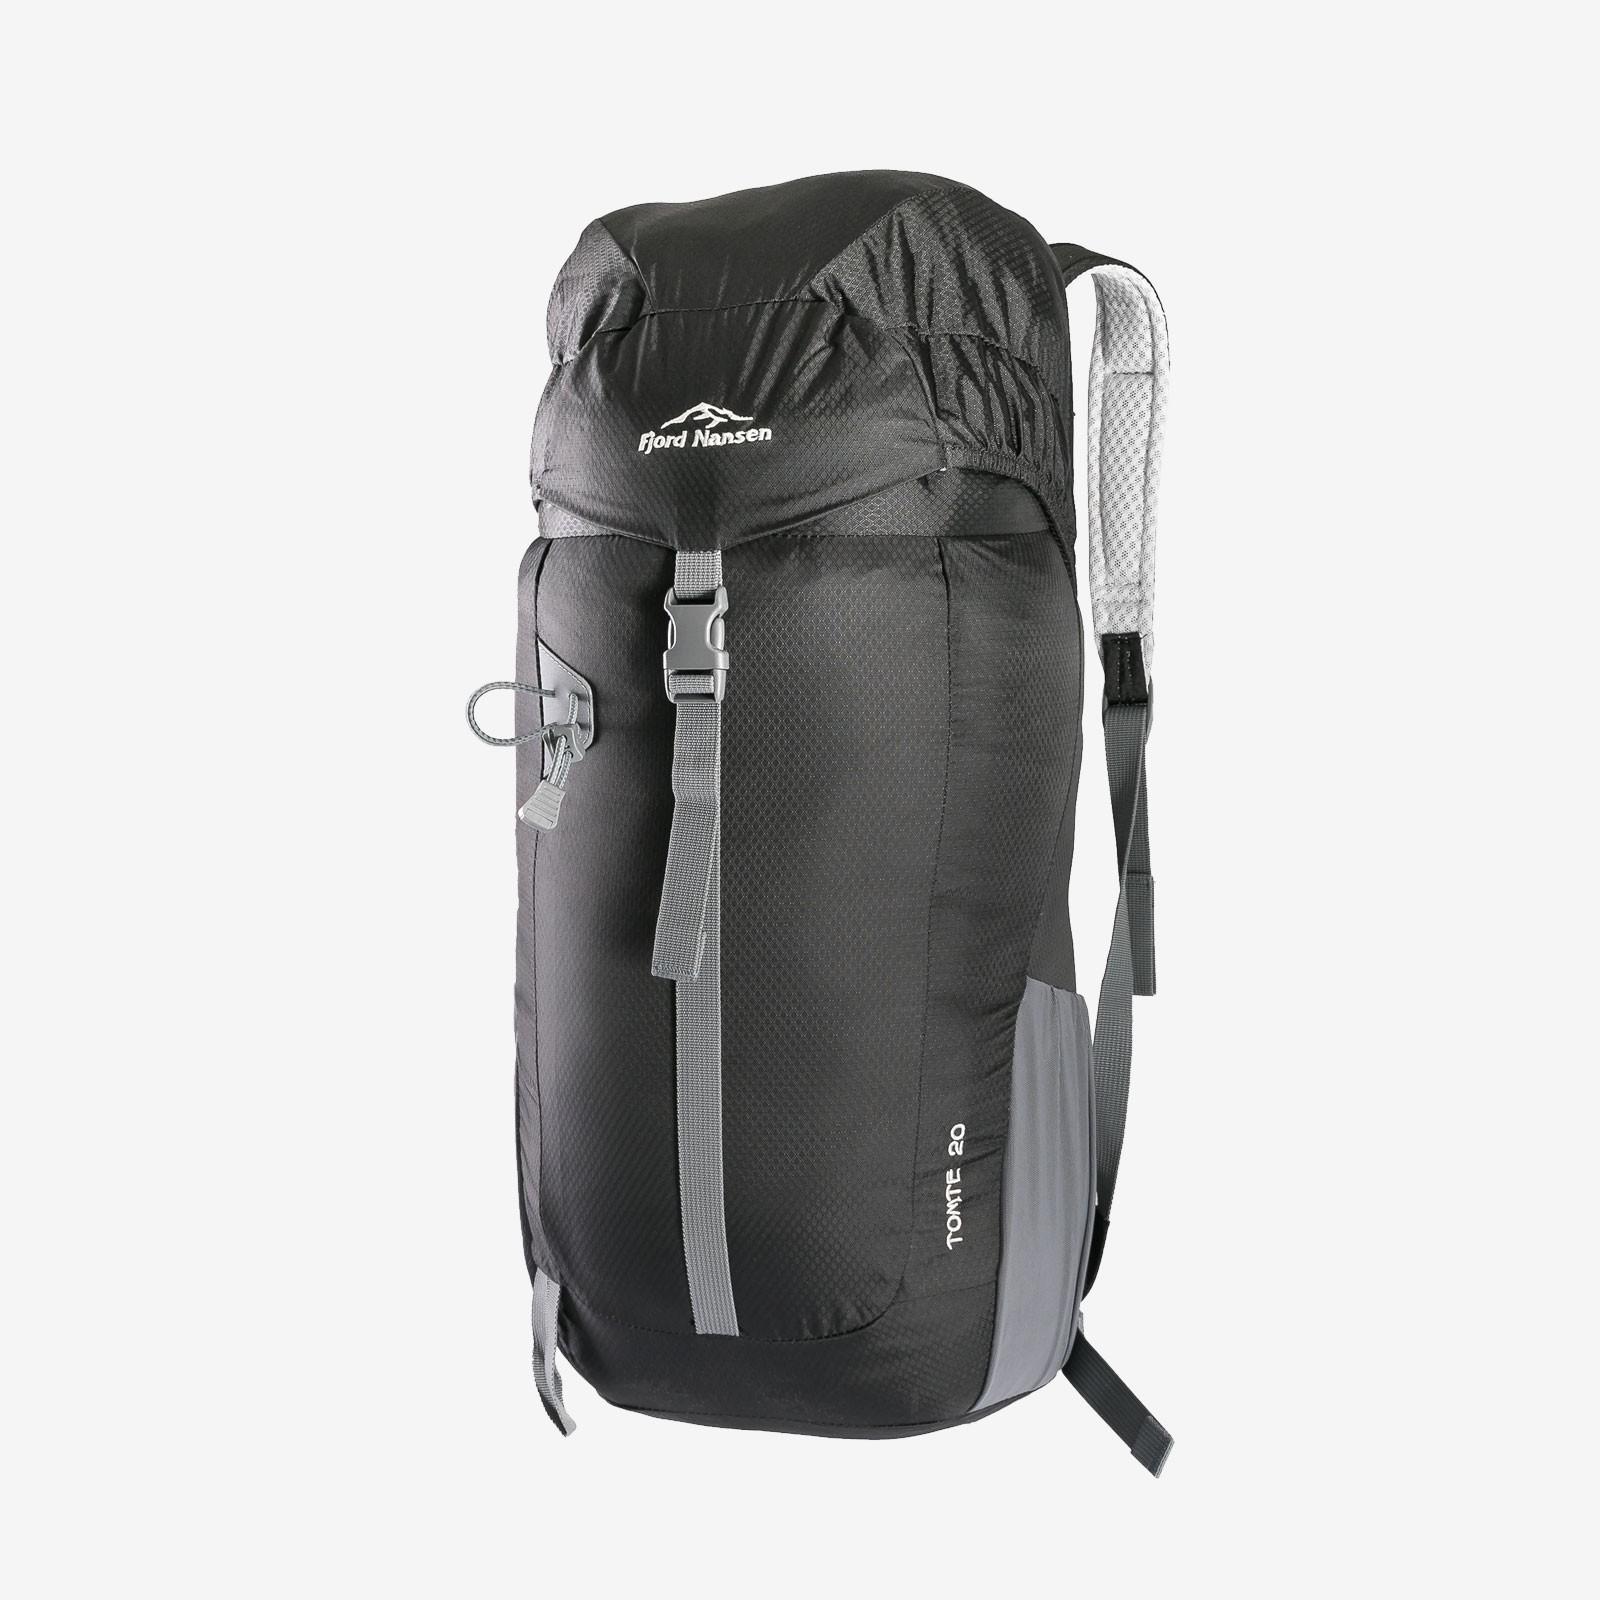 890ea327a8eac Plecak TOMTE 20 black - Paker - Tylko Sprawdzony Sprzęt Turystyczny